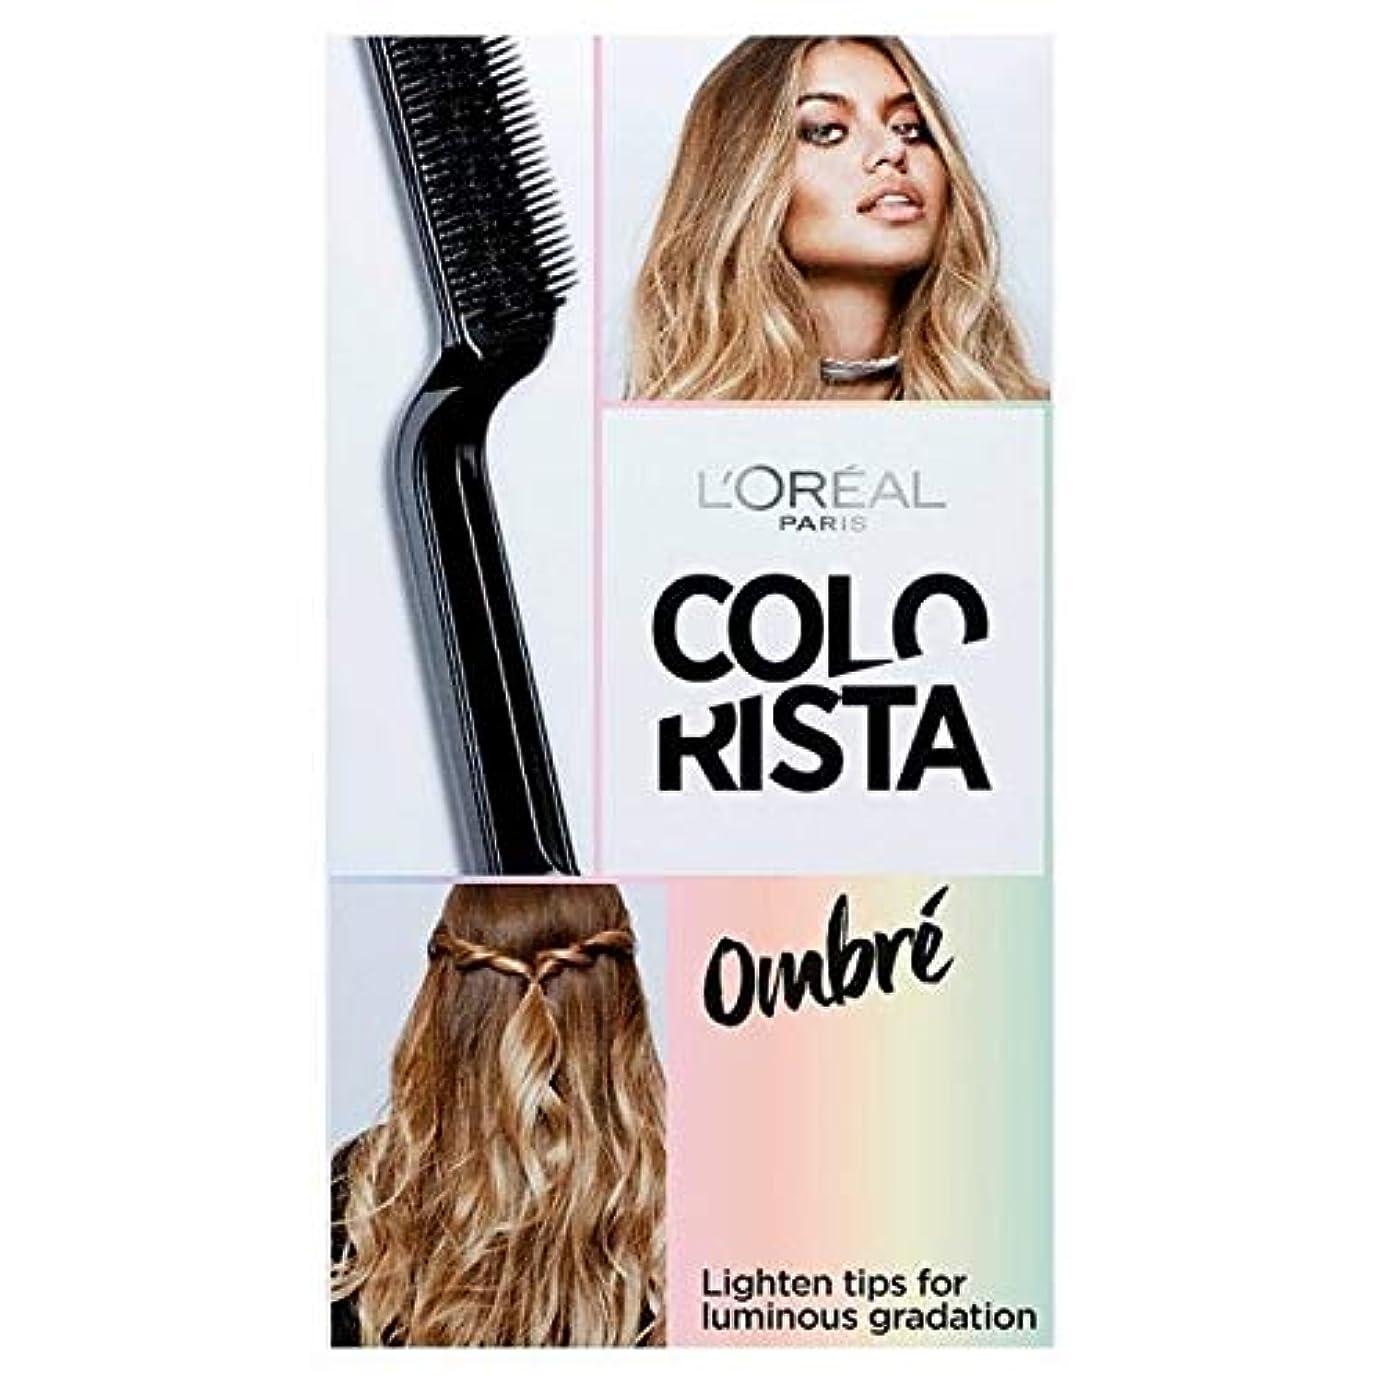 シニス硬化するクライアント[Colorista] Colorista効果オンブル髪 - Colorista Effect Ombre Hair [並行輸入品]